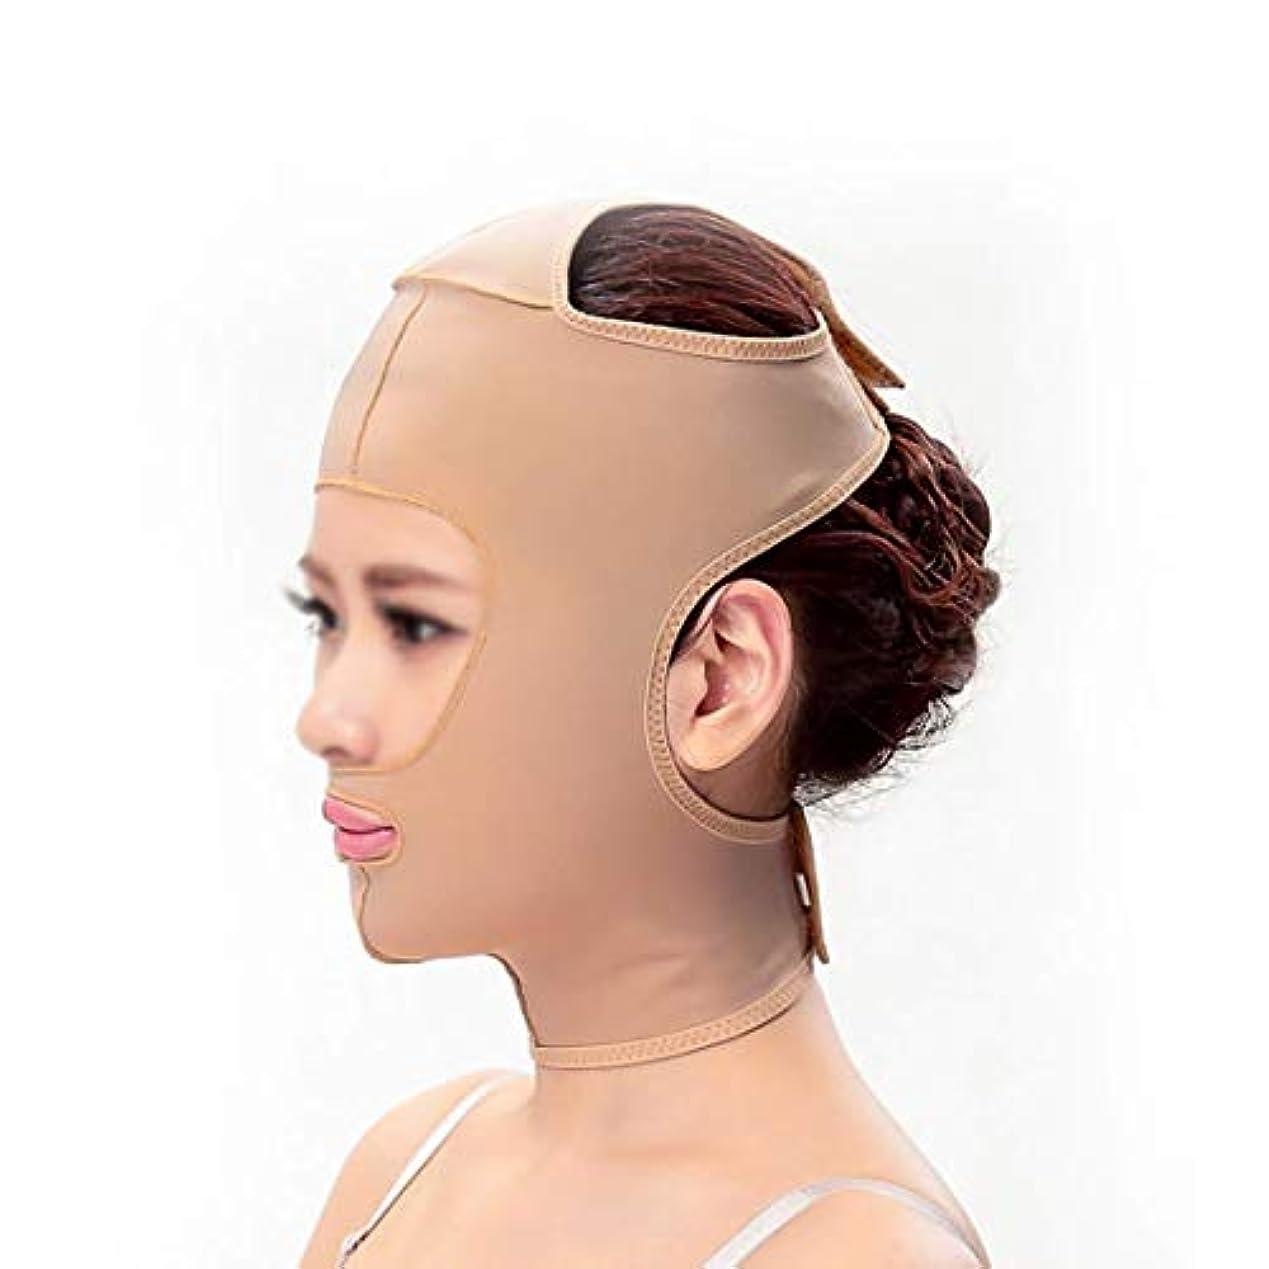 暗殺する学んだしょっぱいスリミングベルト、二重あごの引き締め顔面プラスチックフェイスアーティファクト強力なフェイスバンデージをサイズアップするために顔面マスクシンフェイスマスク,S